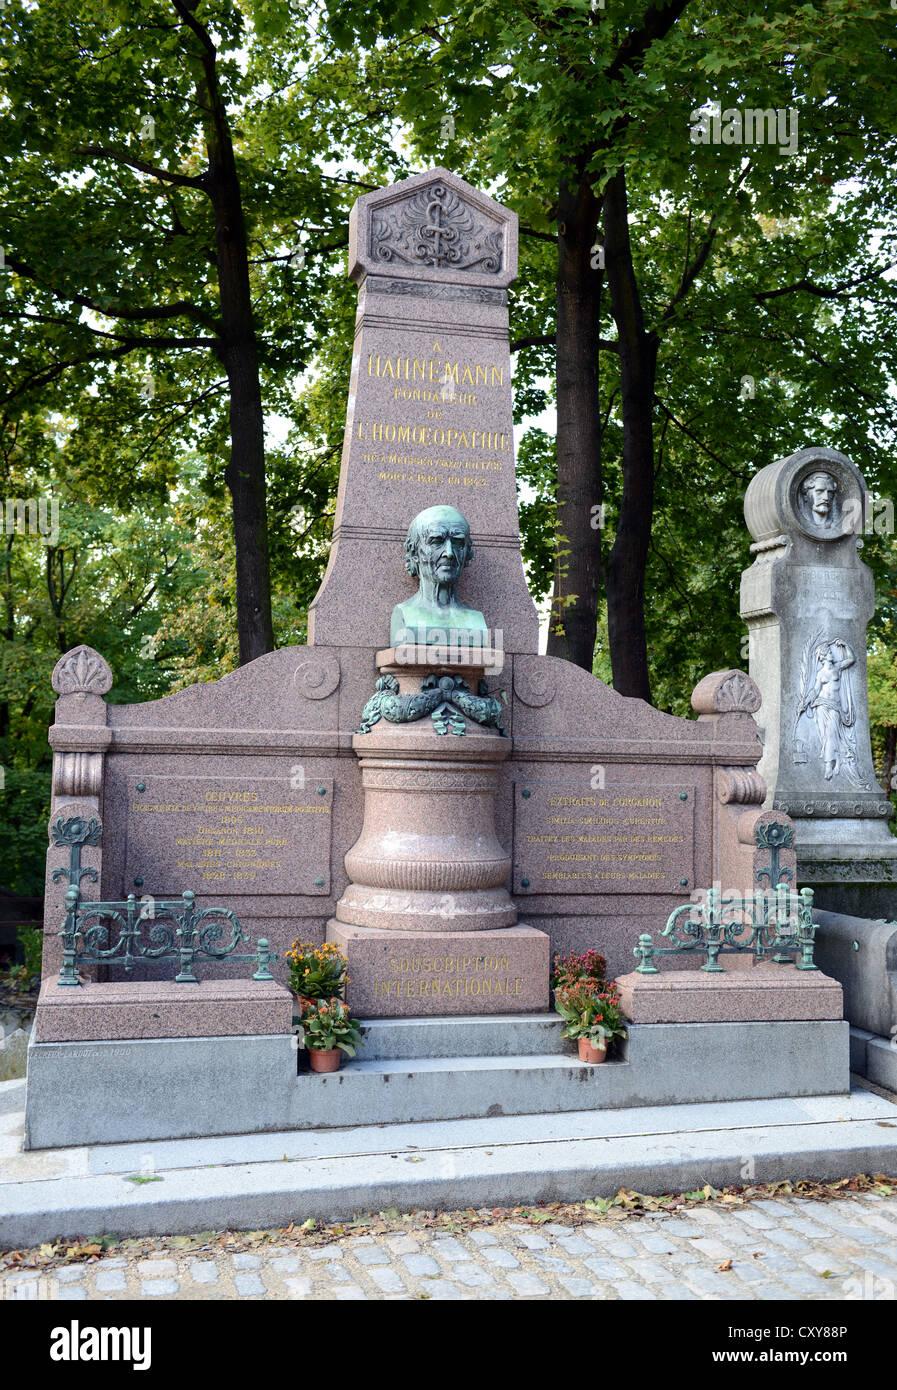 Christian Friedrich Samuel Hahnemann grave at Père Lachaise Cemetery, Cimetière du Père-Lachaise, - Stock Image